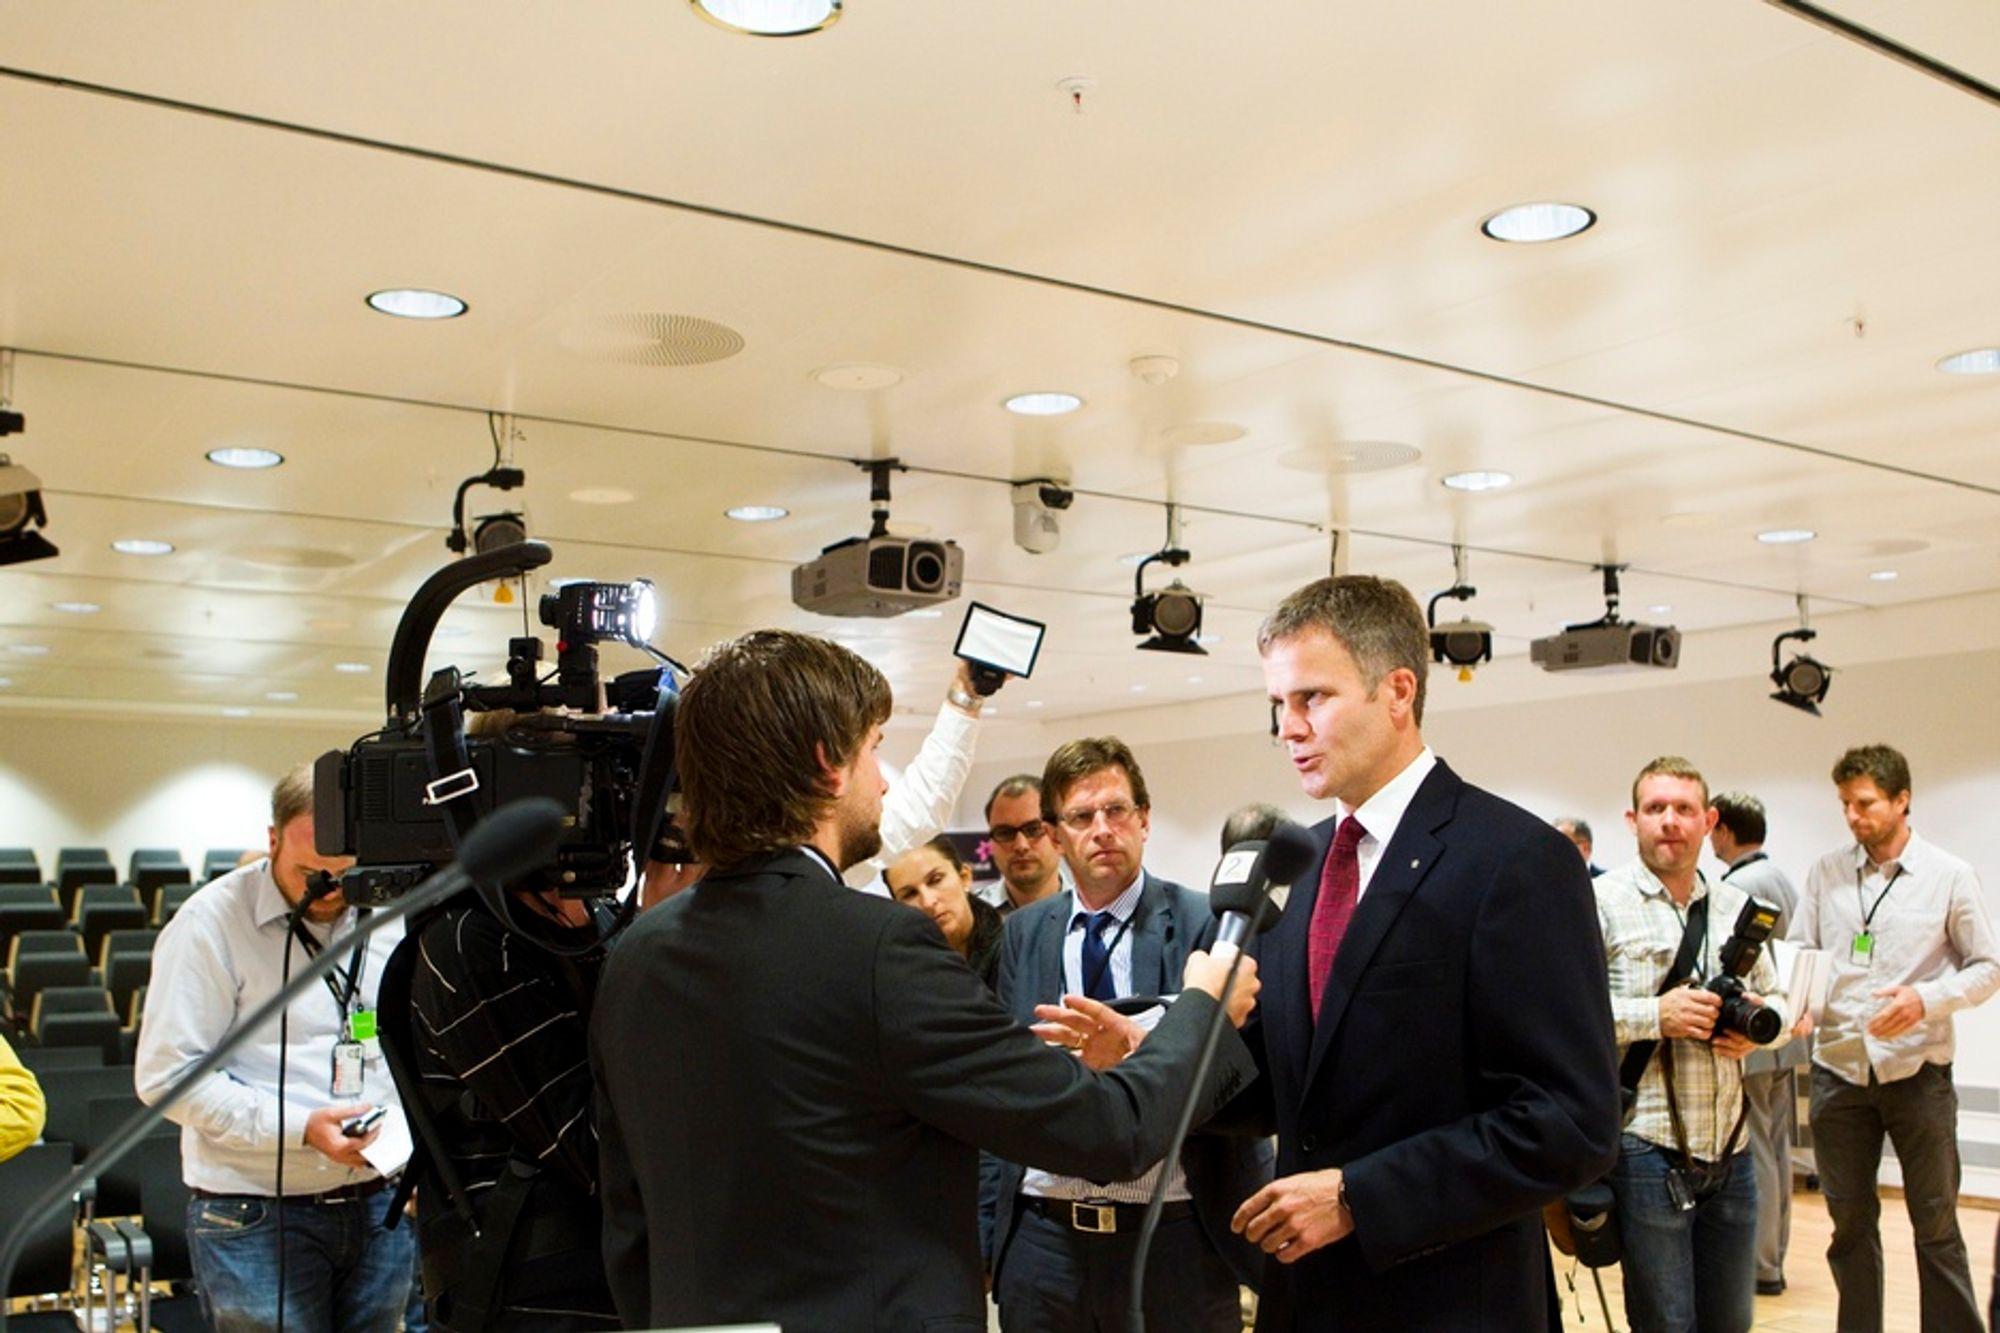 Konsernsjef Helge Lund etter presentasjonen av resultatet for 2. kvartal for Statoil. Selskapet kritiseres for å pynte på regnskapstallene.